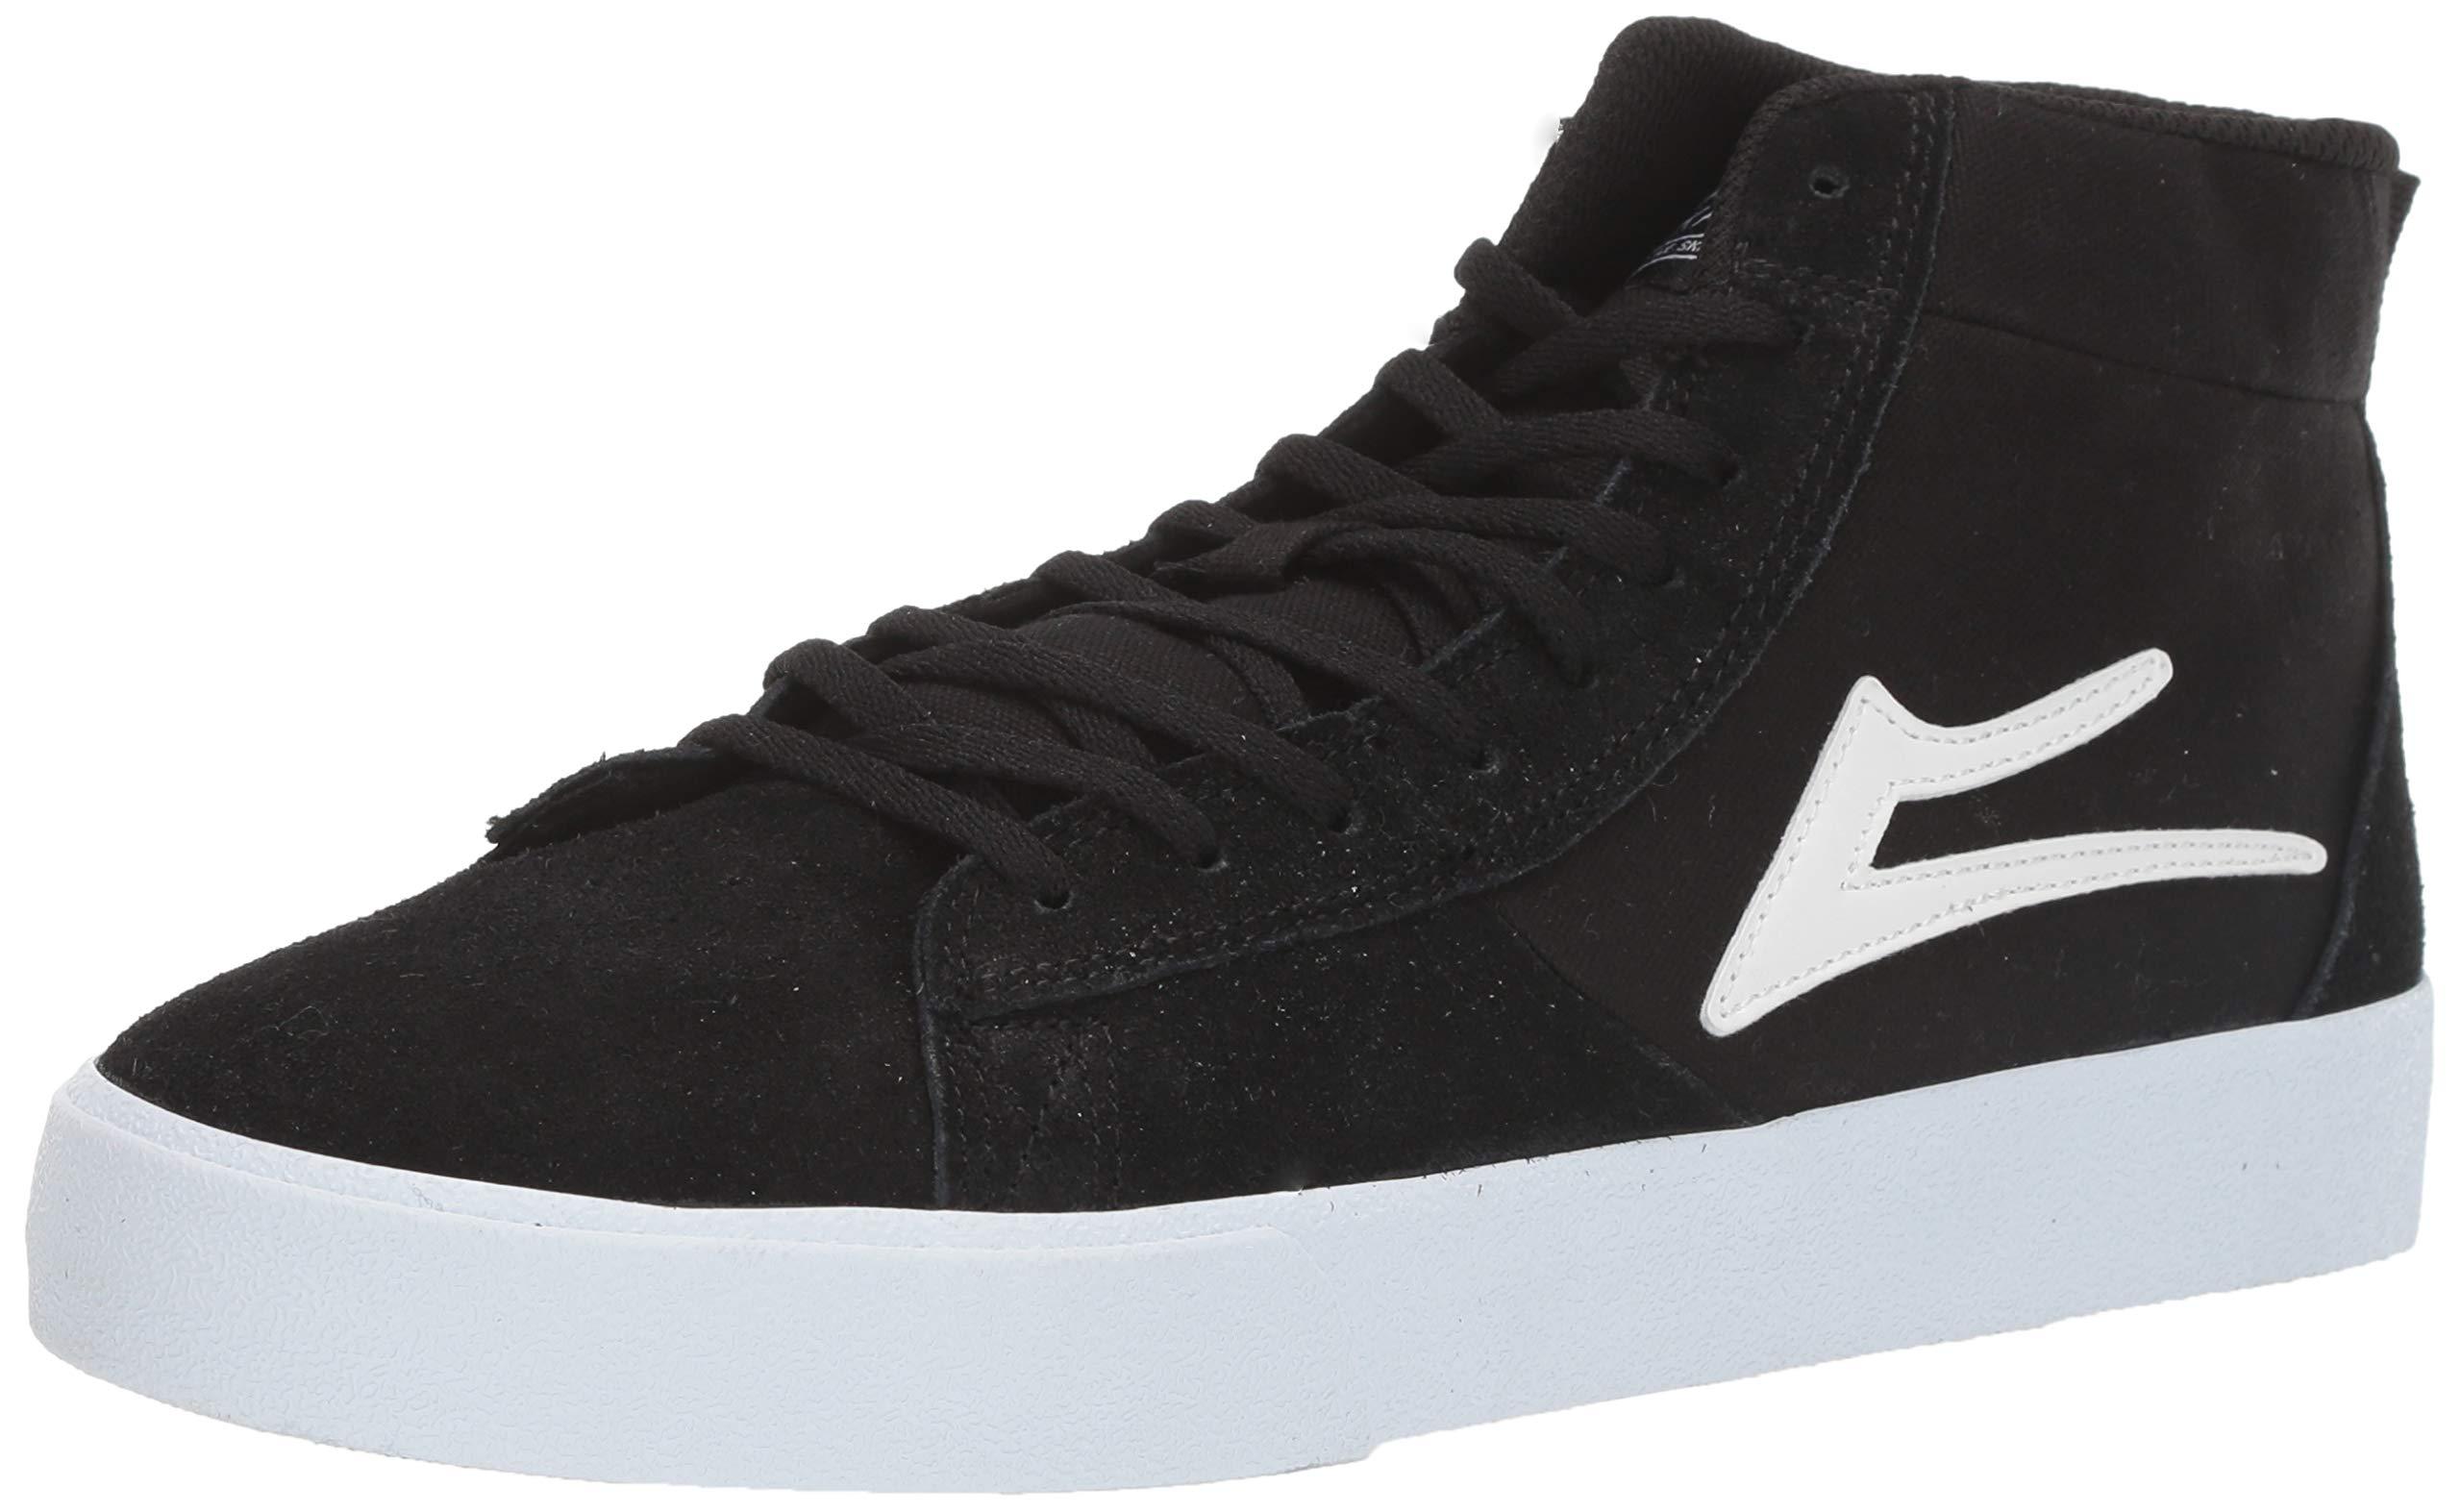 Lakai Limited Footwear Mens Newport HIGH Skate Shoe Black Suede 10 M US by Lakai Limited Footwear Mens